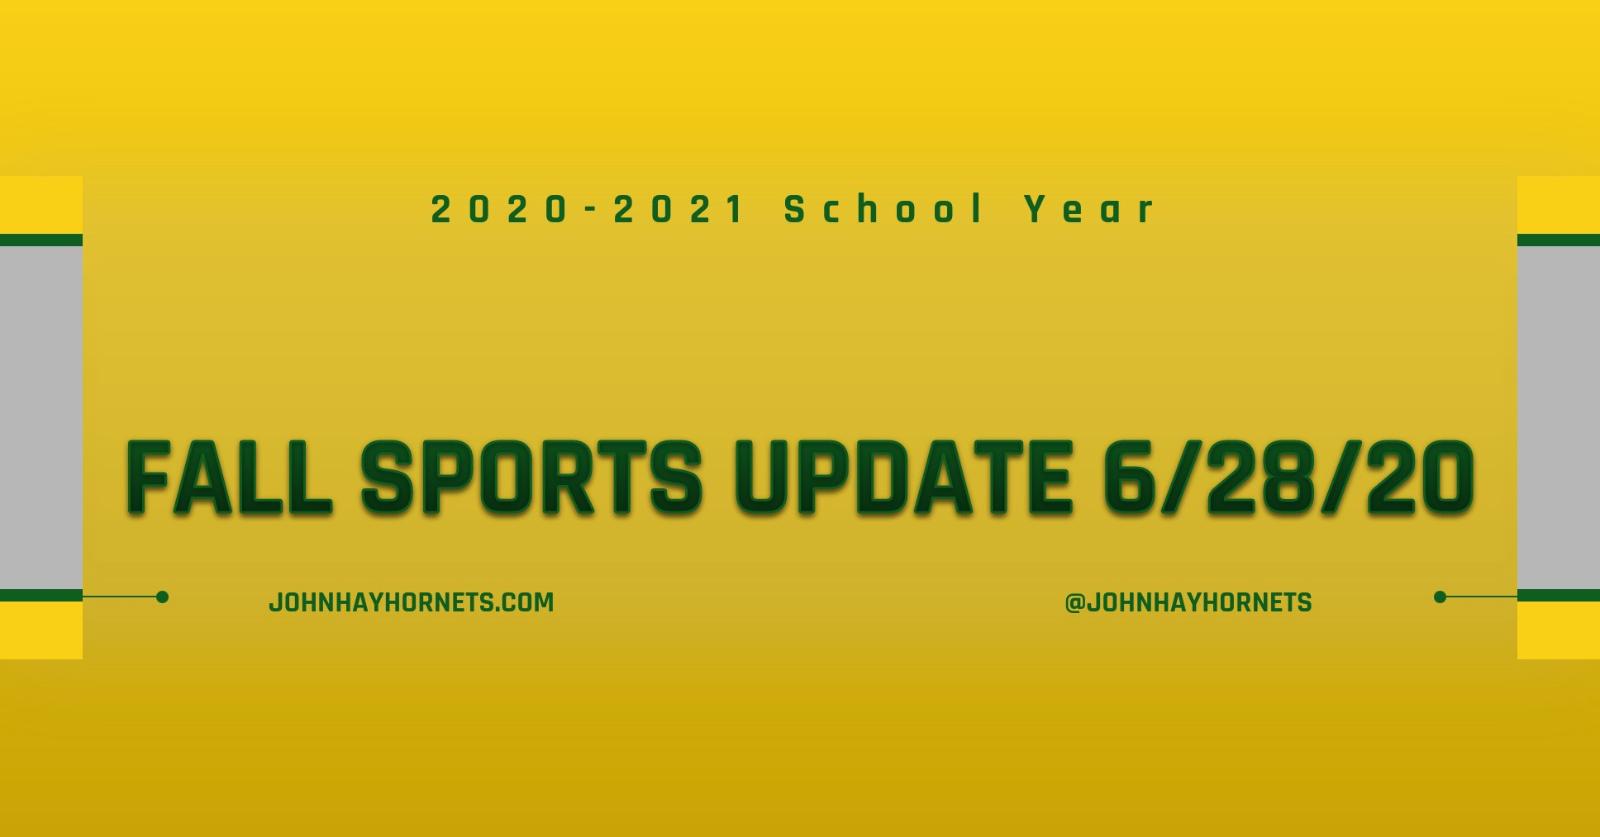 2020-2021 Fall Sports Update